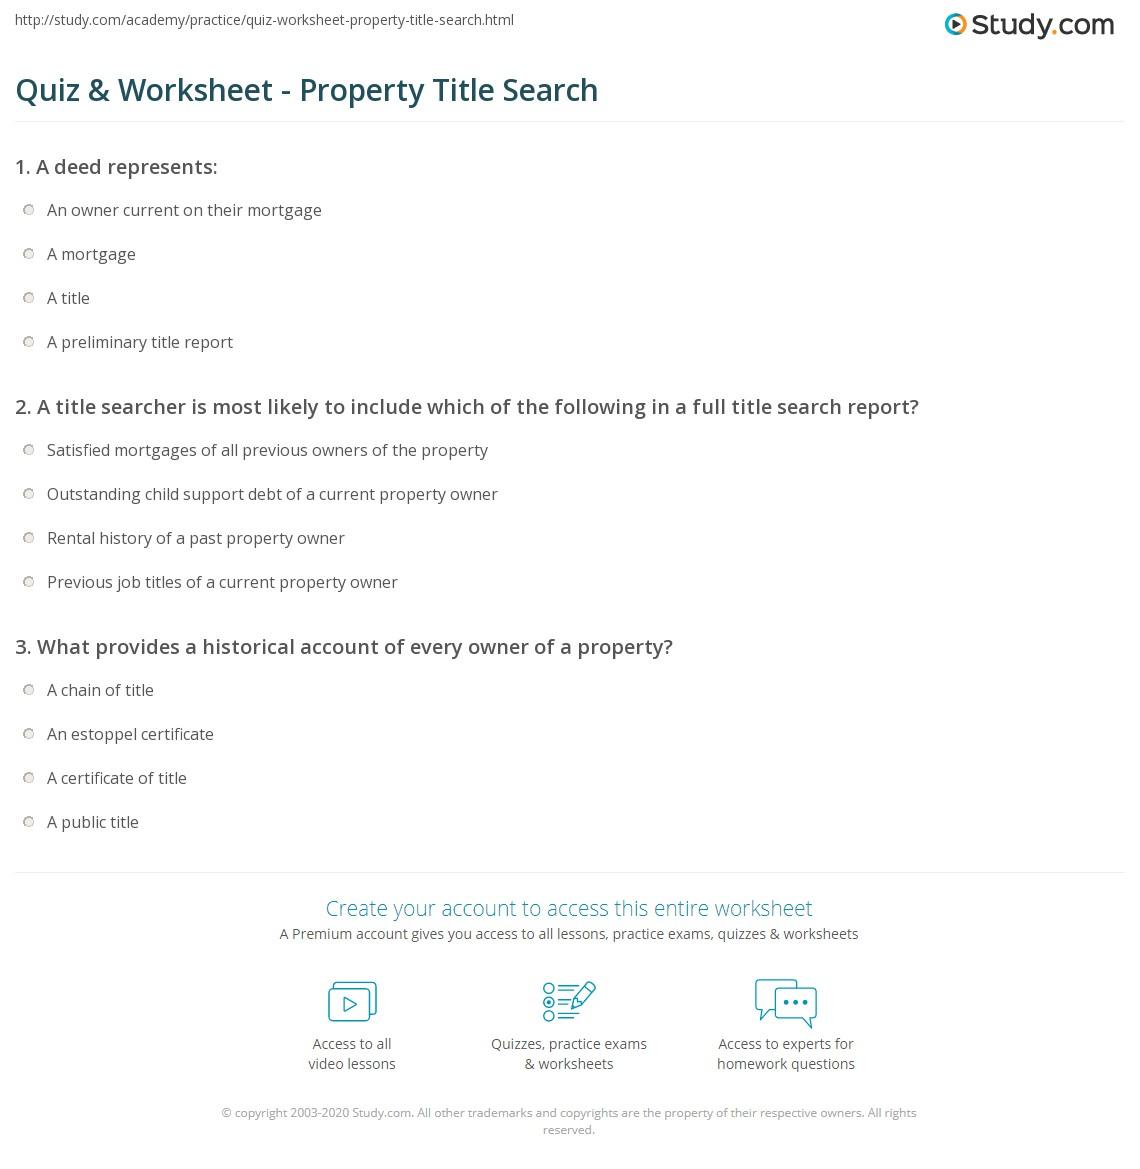 quiz worksheet property title search. Black Bedroom Furniture Sets. Home Design Ideas